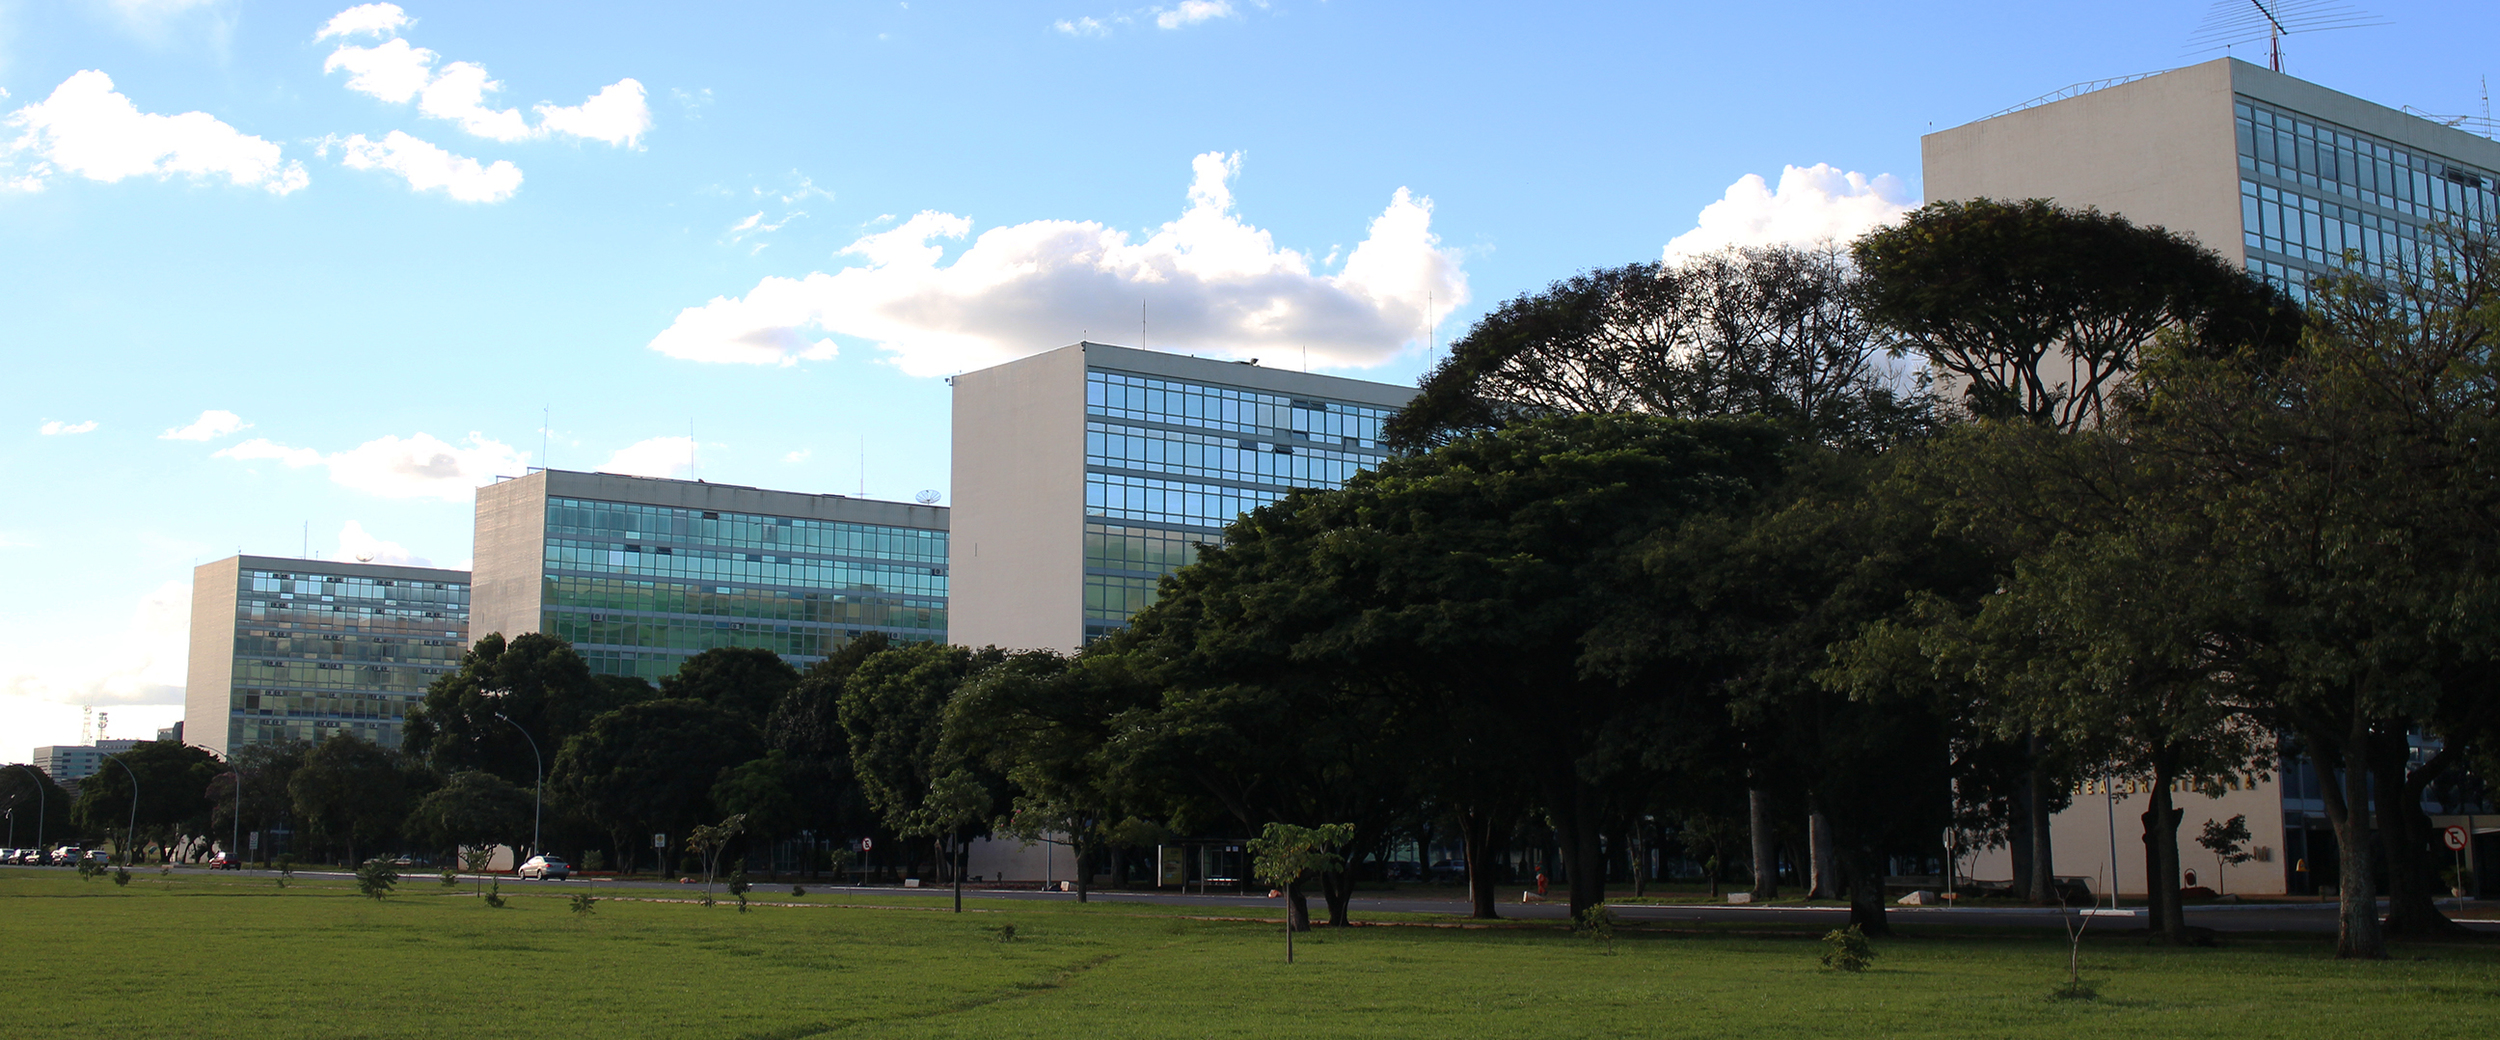 Esplanada dos Ministérios, Brasília.